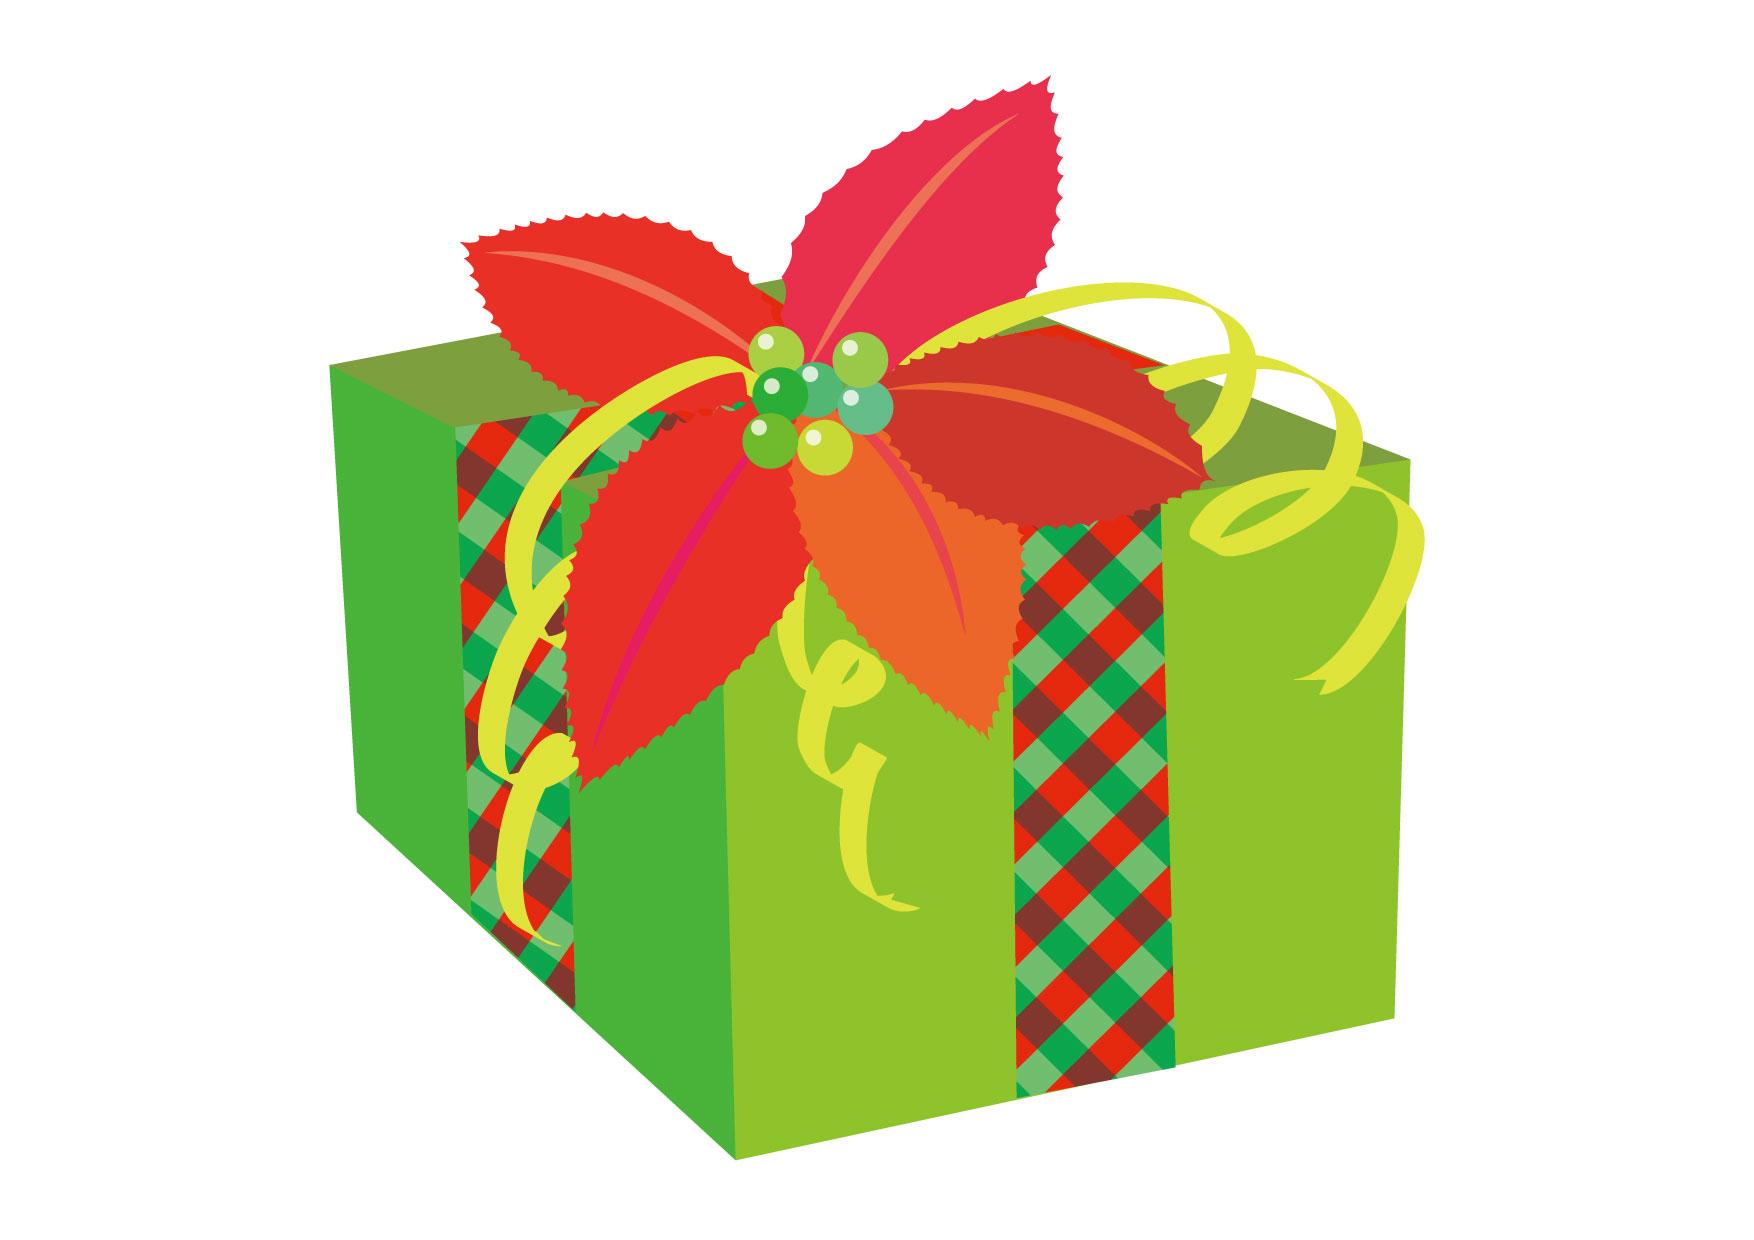 可愛いイラスト無料 クリスマスプレゼント 緑色 ポインセチア − free illustration Christmas gift green poinsettia